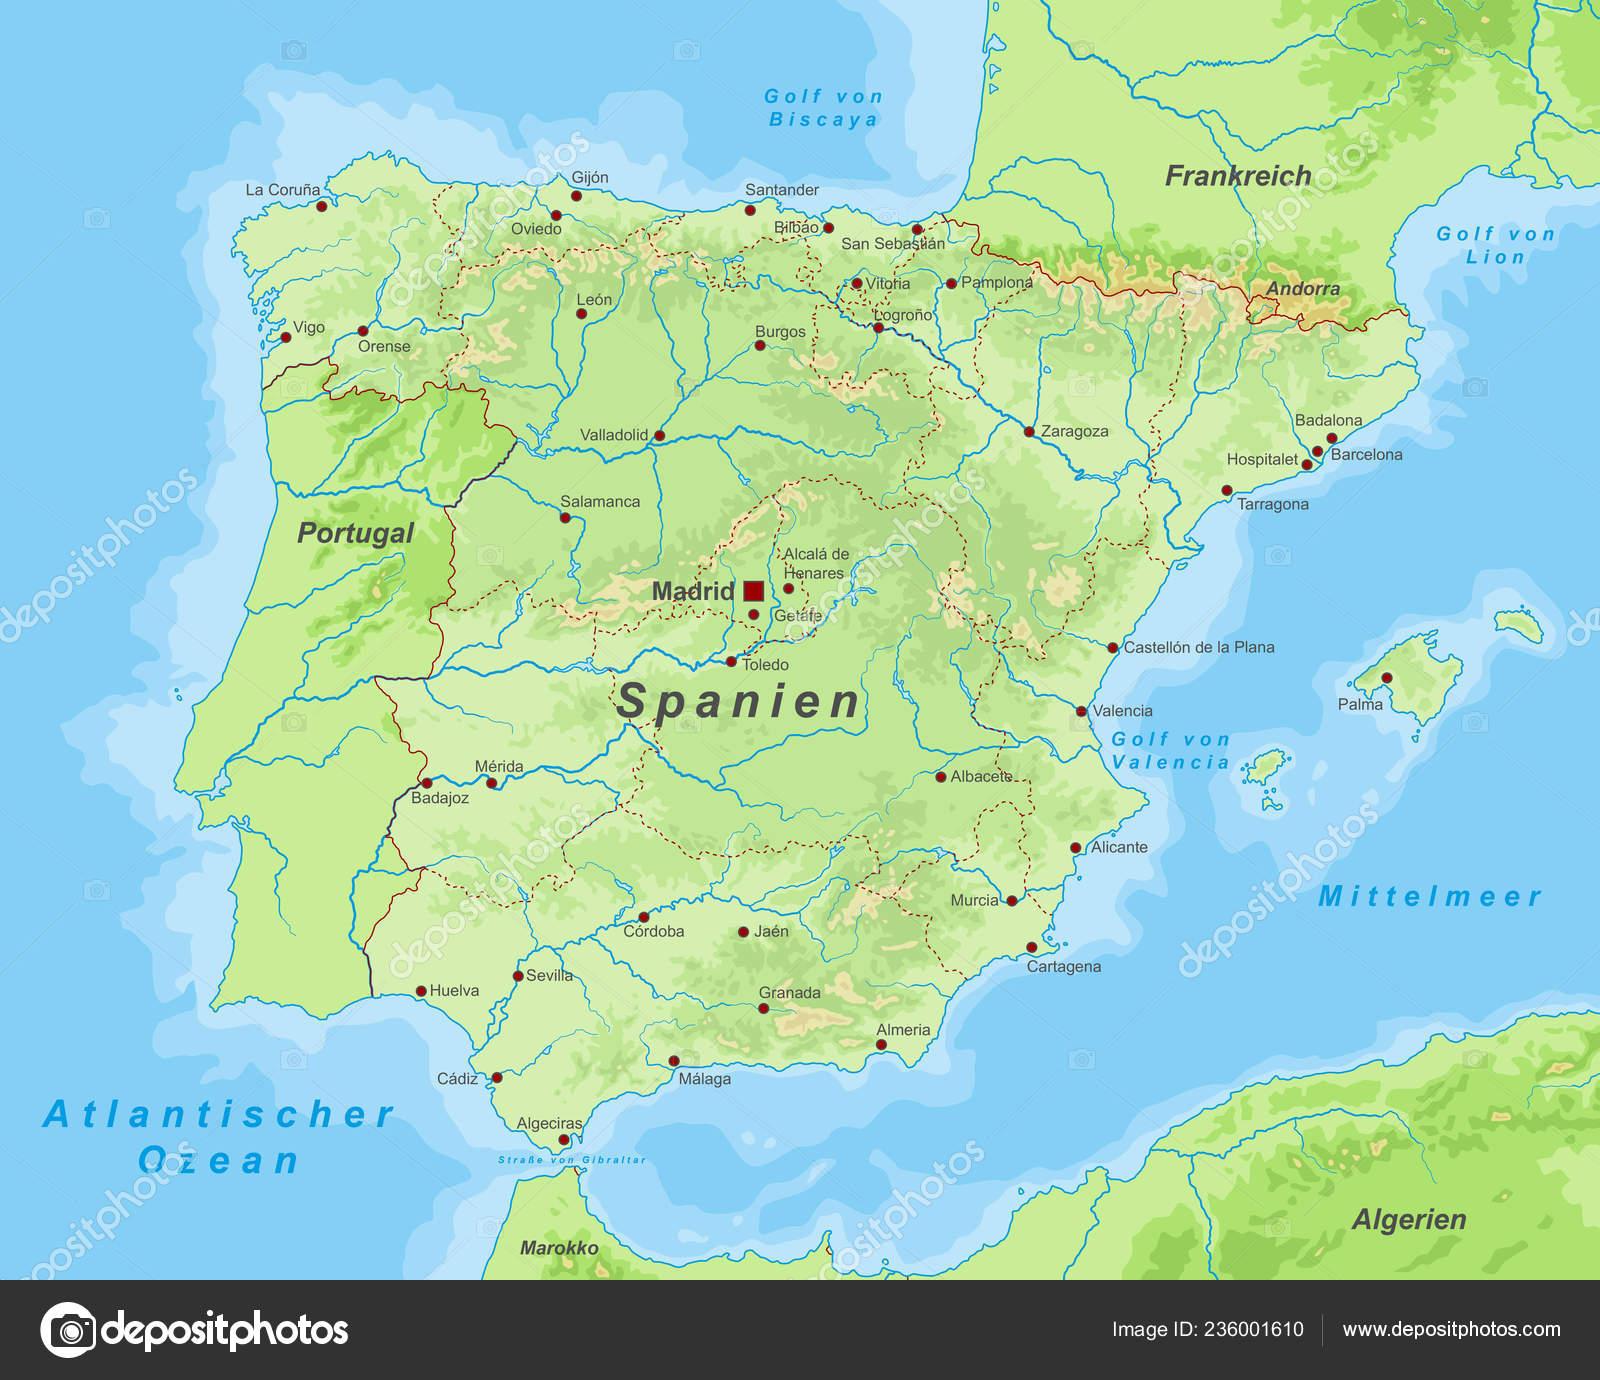 Carte Espagne Pays Basque Detaillee.Espagne Carte Espagne Haut Detaille Image Vectorielle Ii